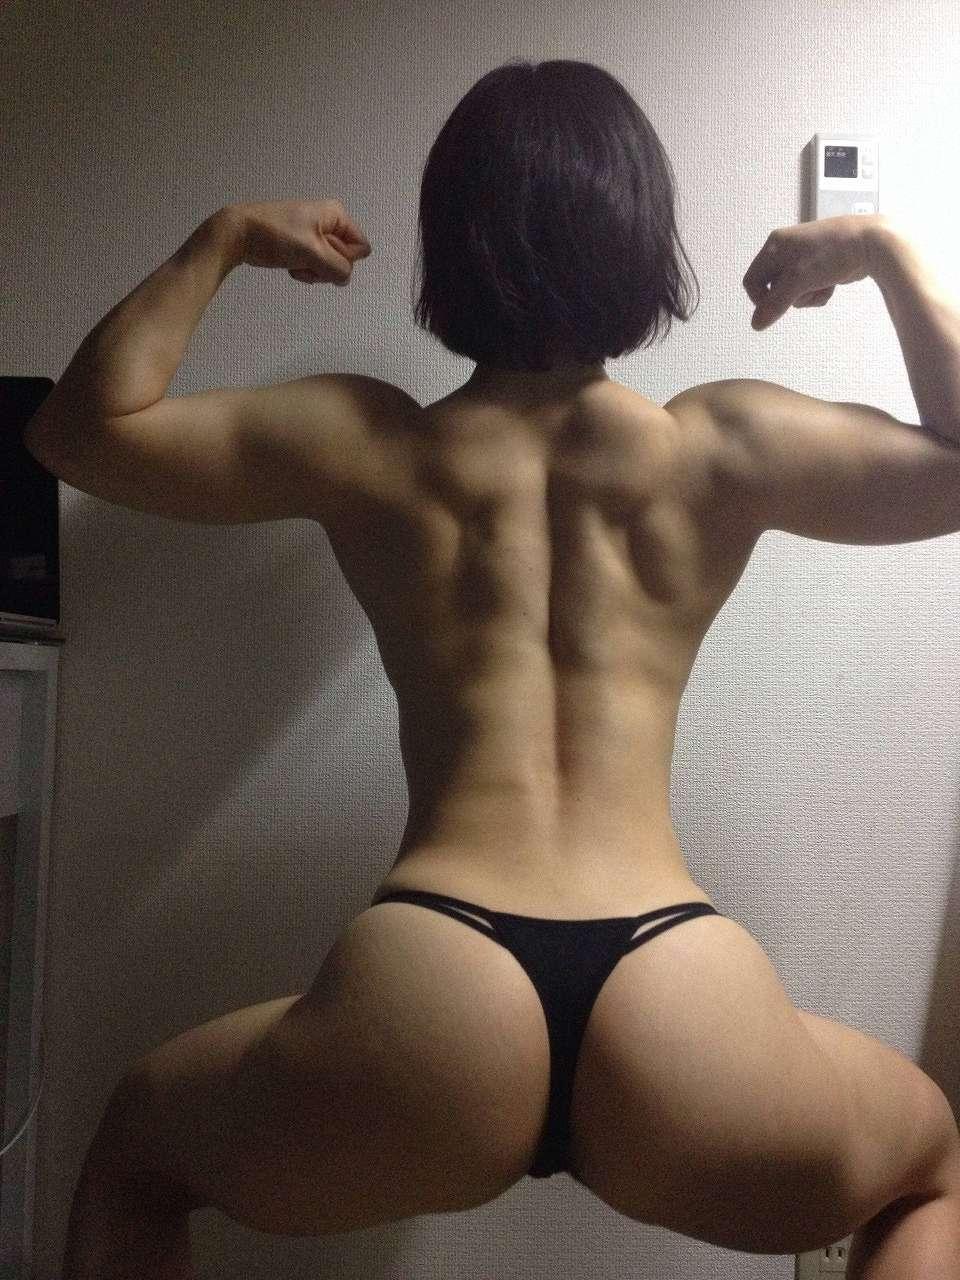 ムキムキの筋肉をしたTバック女